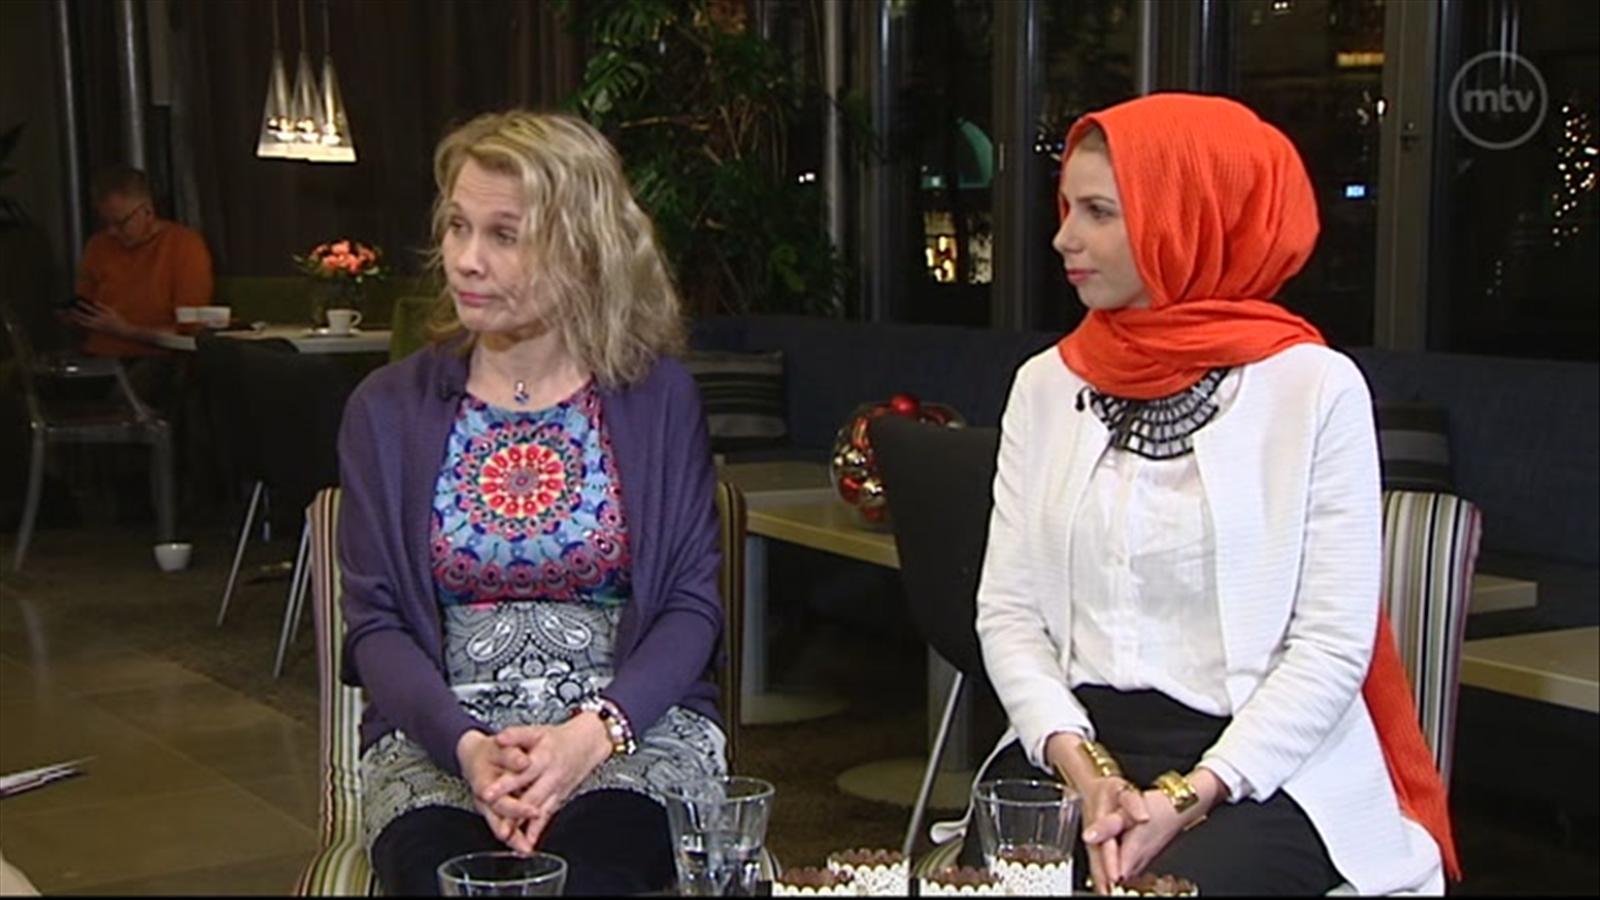 Väkivalta, seksi ja naisen arvo islamin uskonnossa